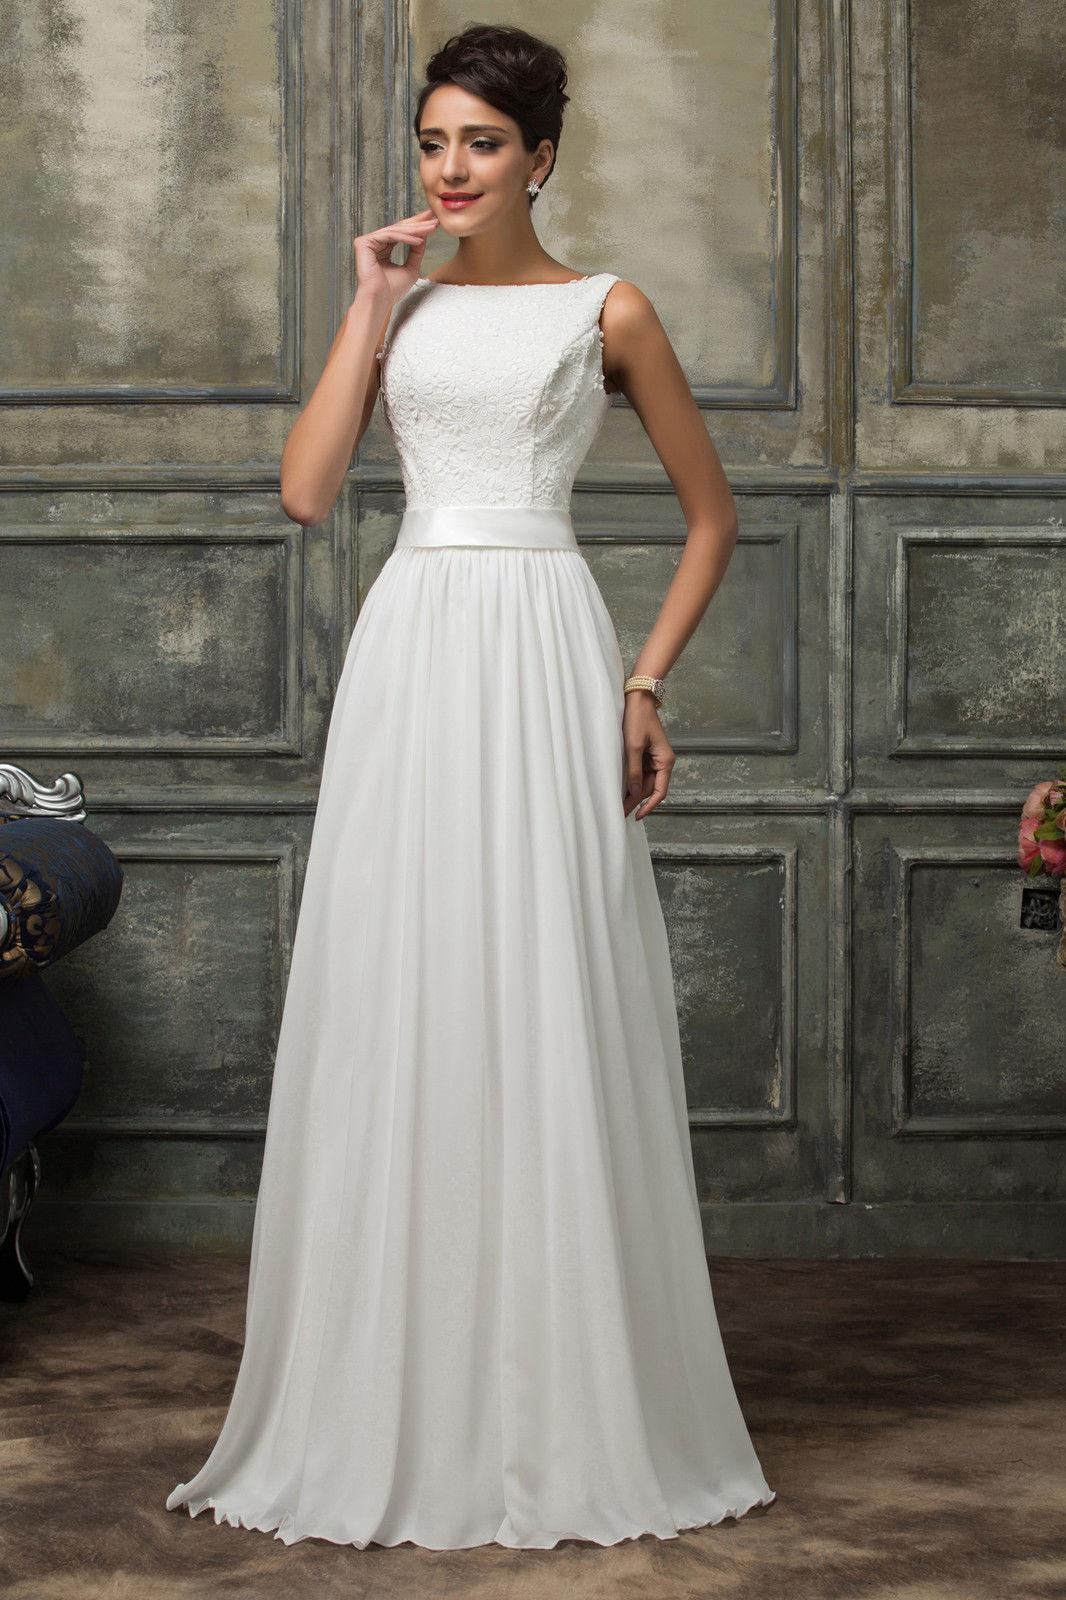 979e343f832 Společenské šaty na svatbu